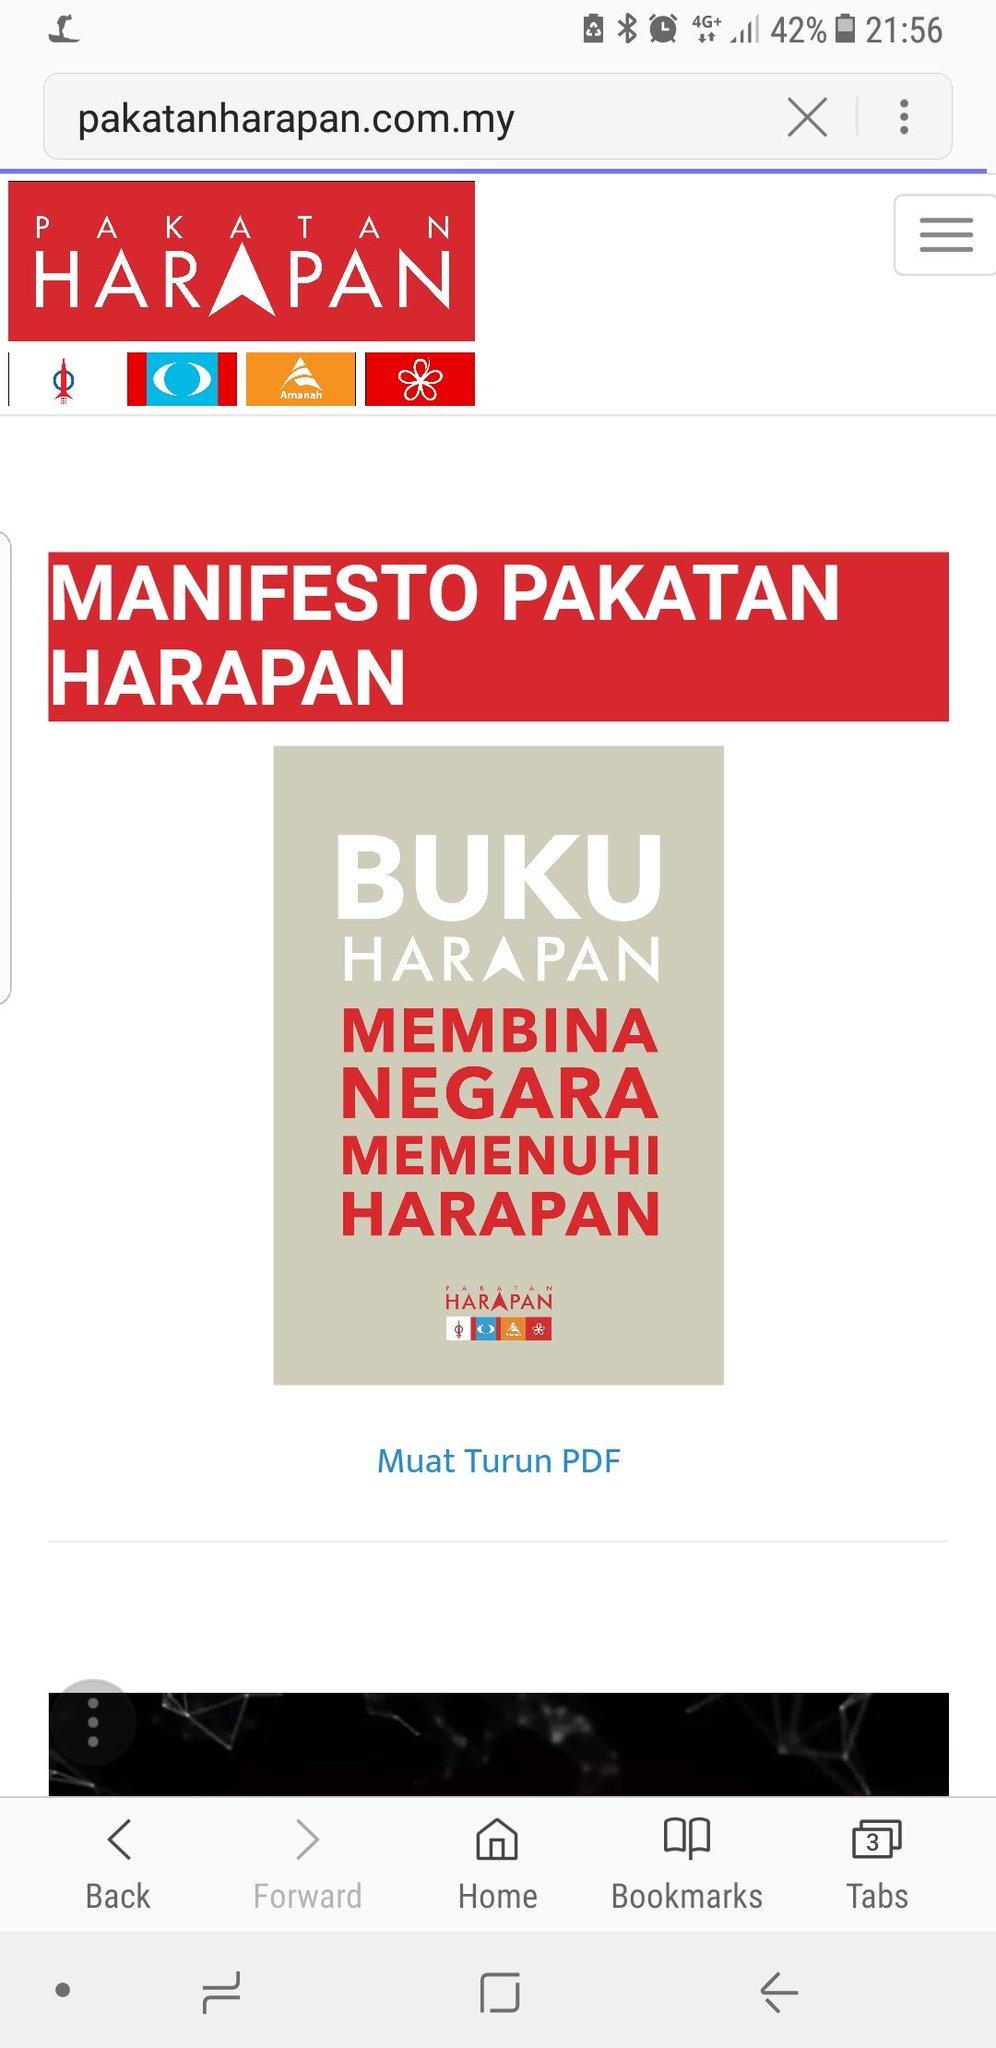 Uzivatel Drsazone Na Twitteru Dah Dengar Manifesto Barisan Nasional Ni Boleh Baca Juga Manifesto Pakatan Harapan Ada Online Baca Banding Fikir Pilih Dan Pangkah Malaysiamemilih Pru14 Https T Co 1u1gfjdacp